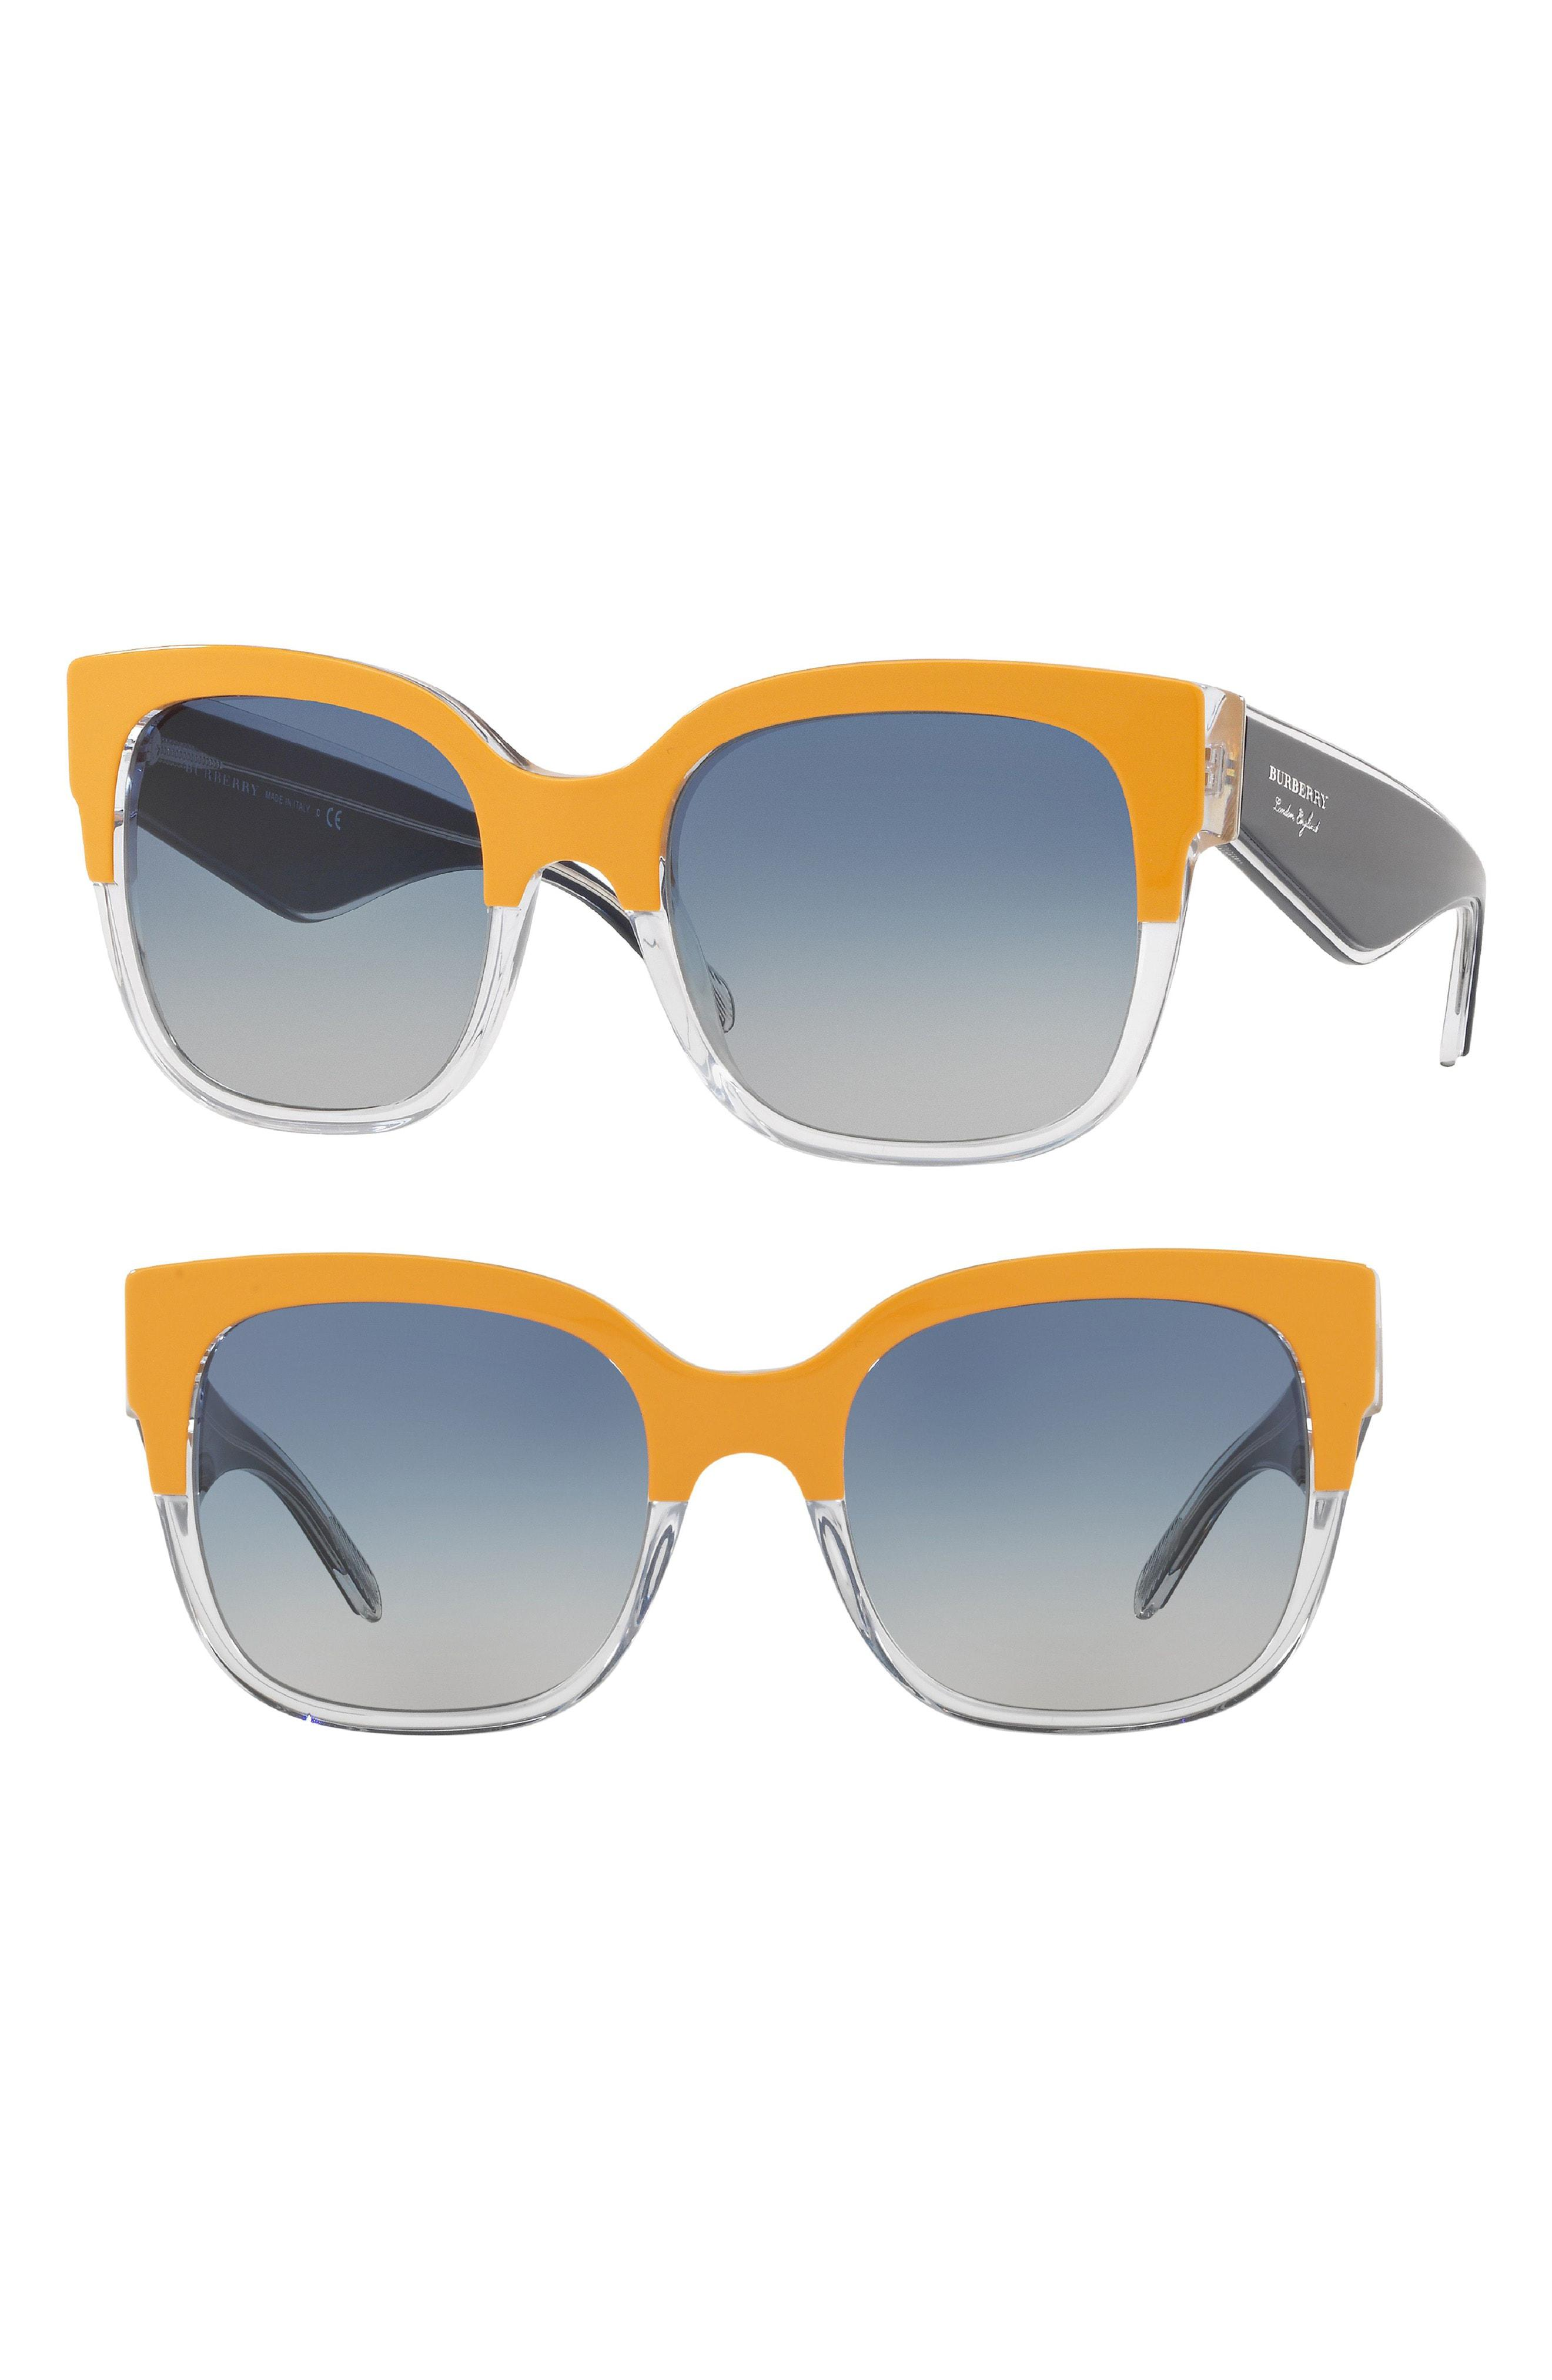 c804f3f7550 Lyst - Burberry 56mm Cat Eye Sunglasses